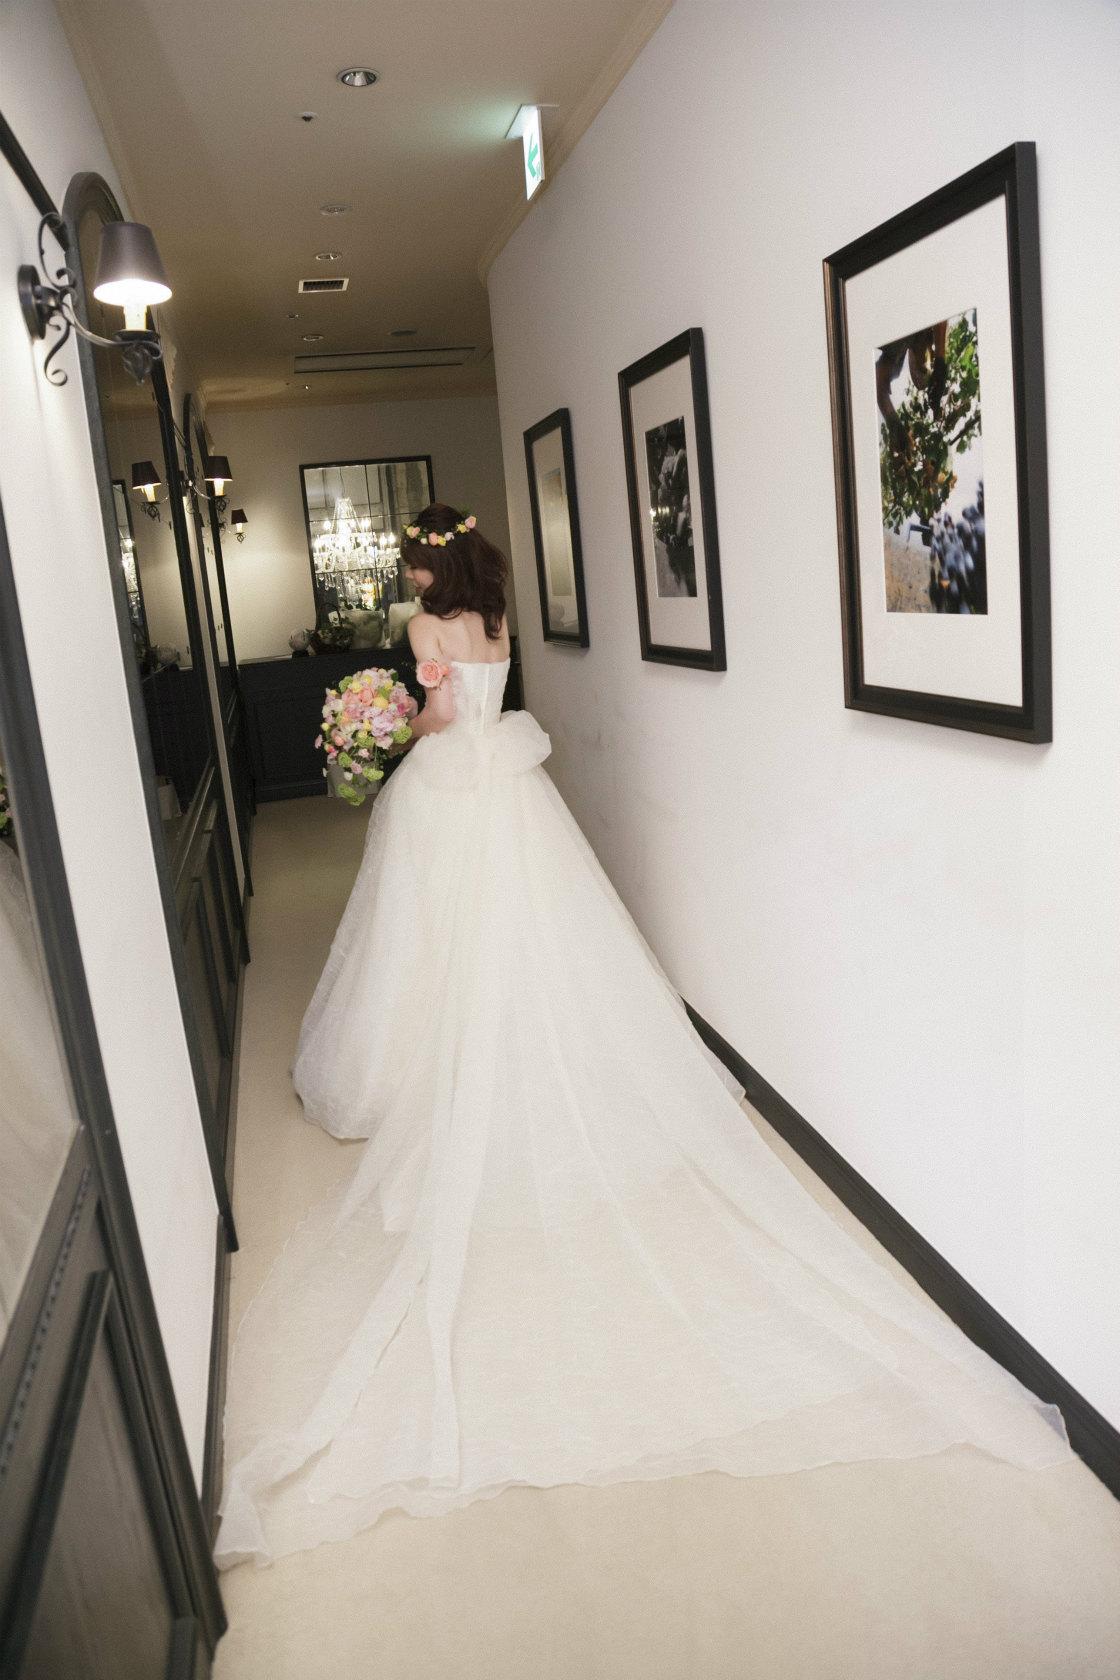 新郎新婦様からのメール 6月の花嫁 2_a0042928_130547.jpg